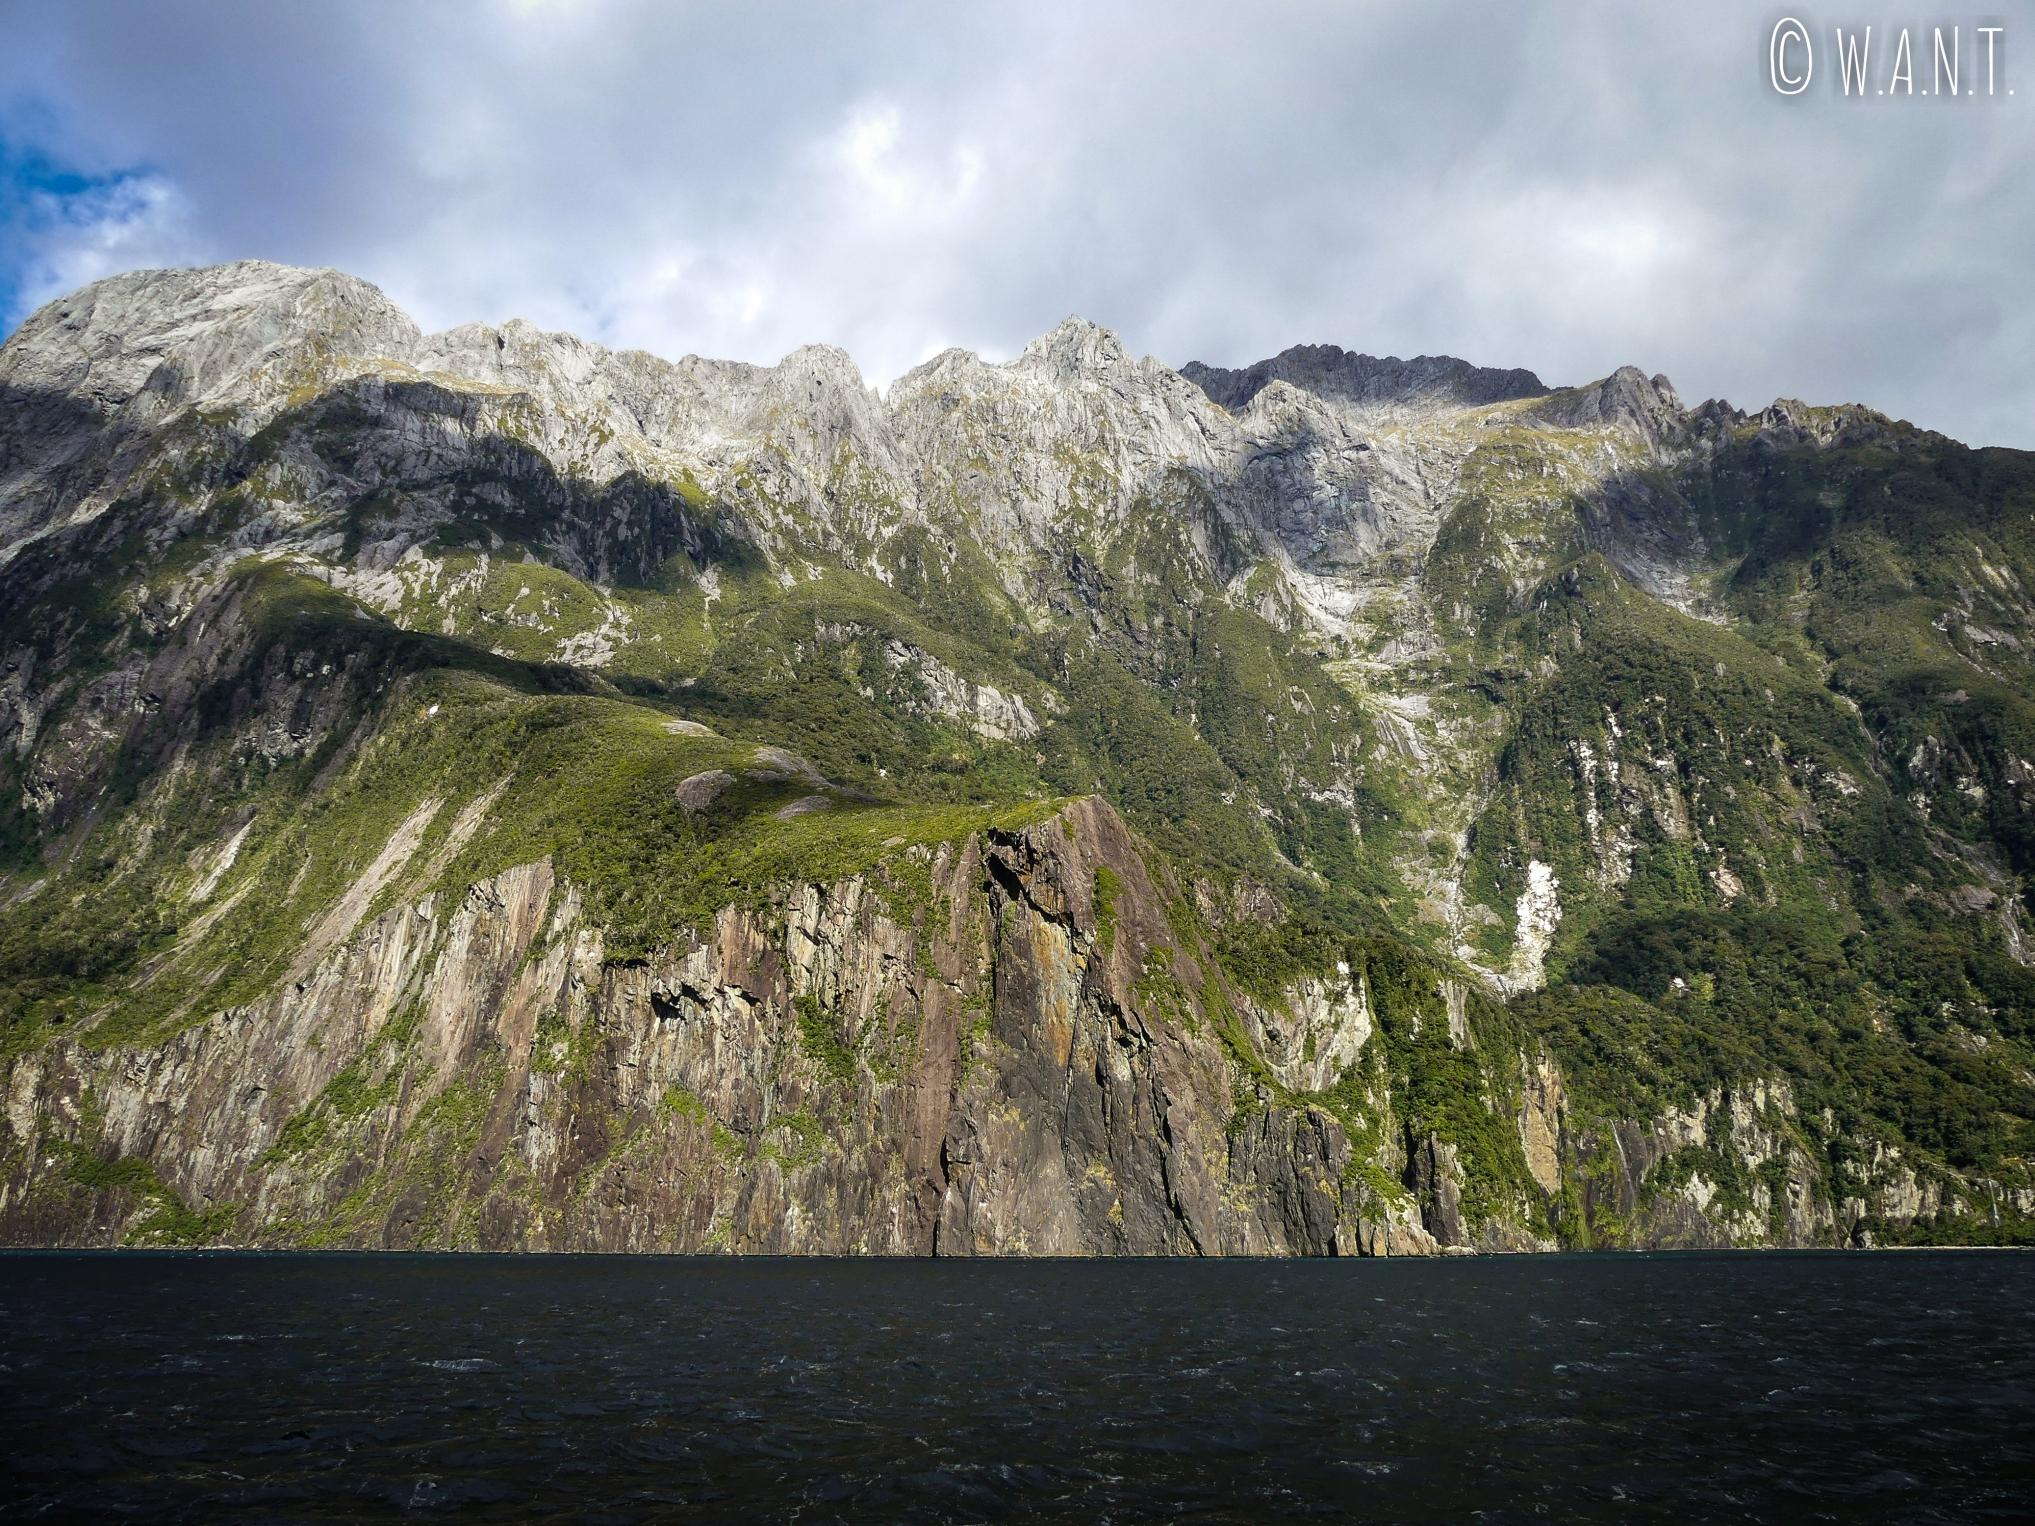 Les falaises plongent dans l'eau du Milford Sound en Nouvelle-Zélande